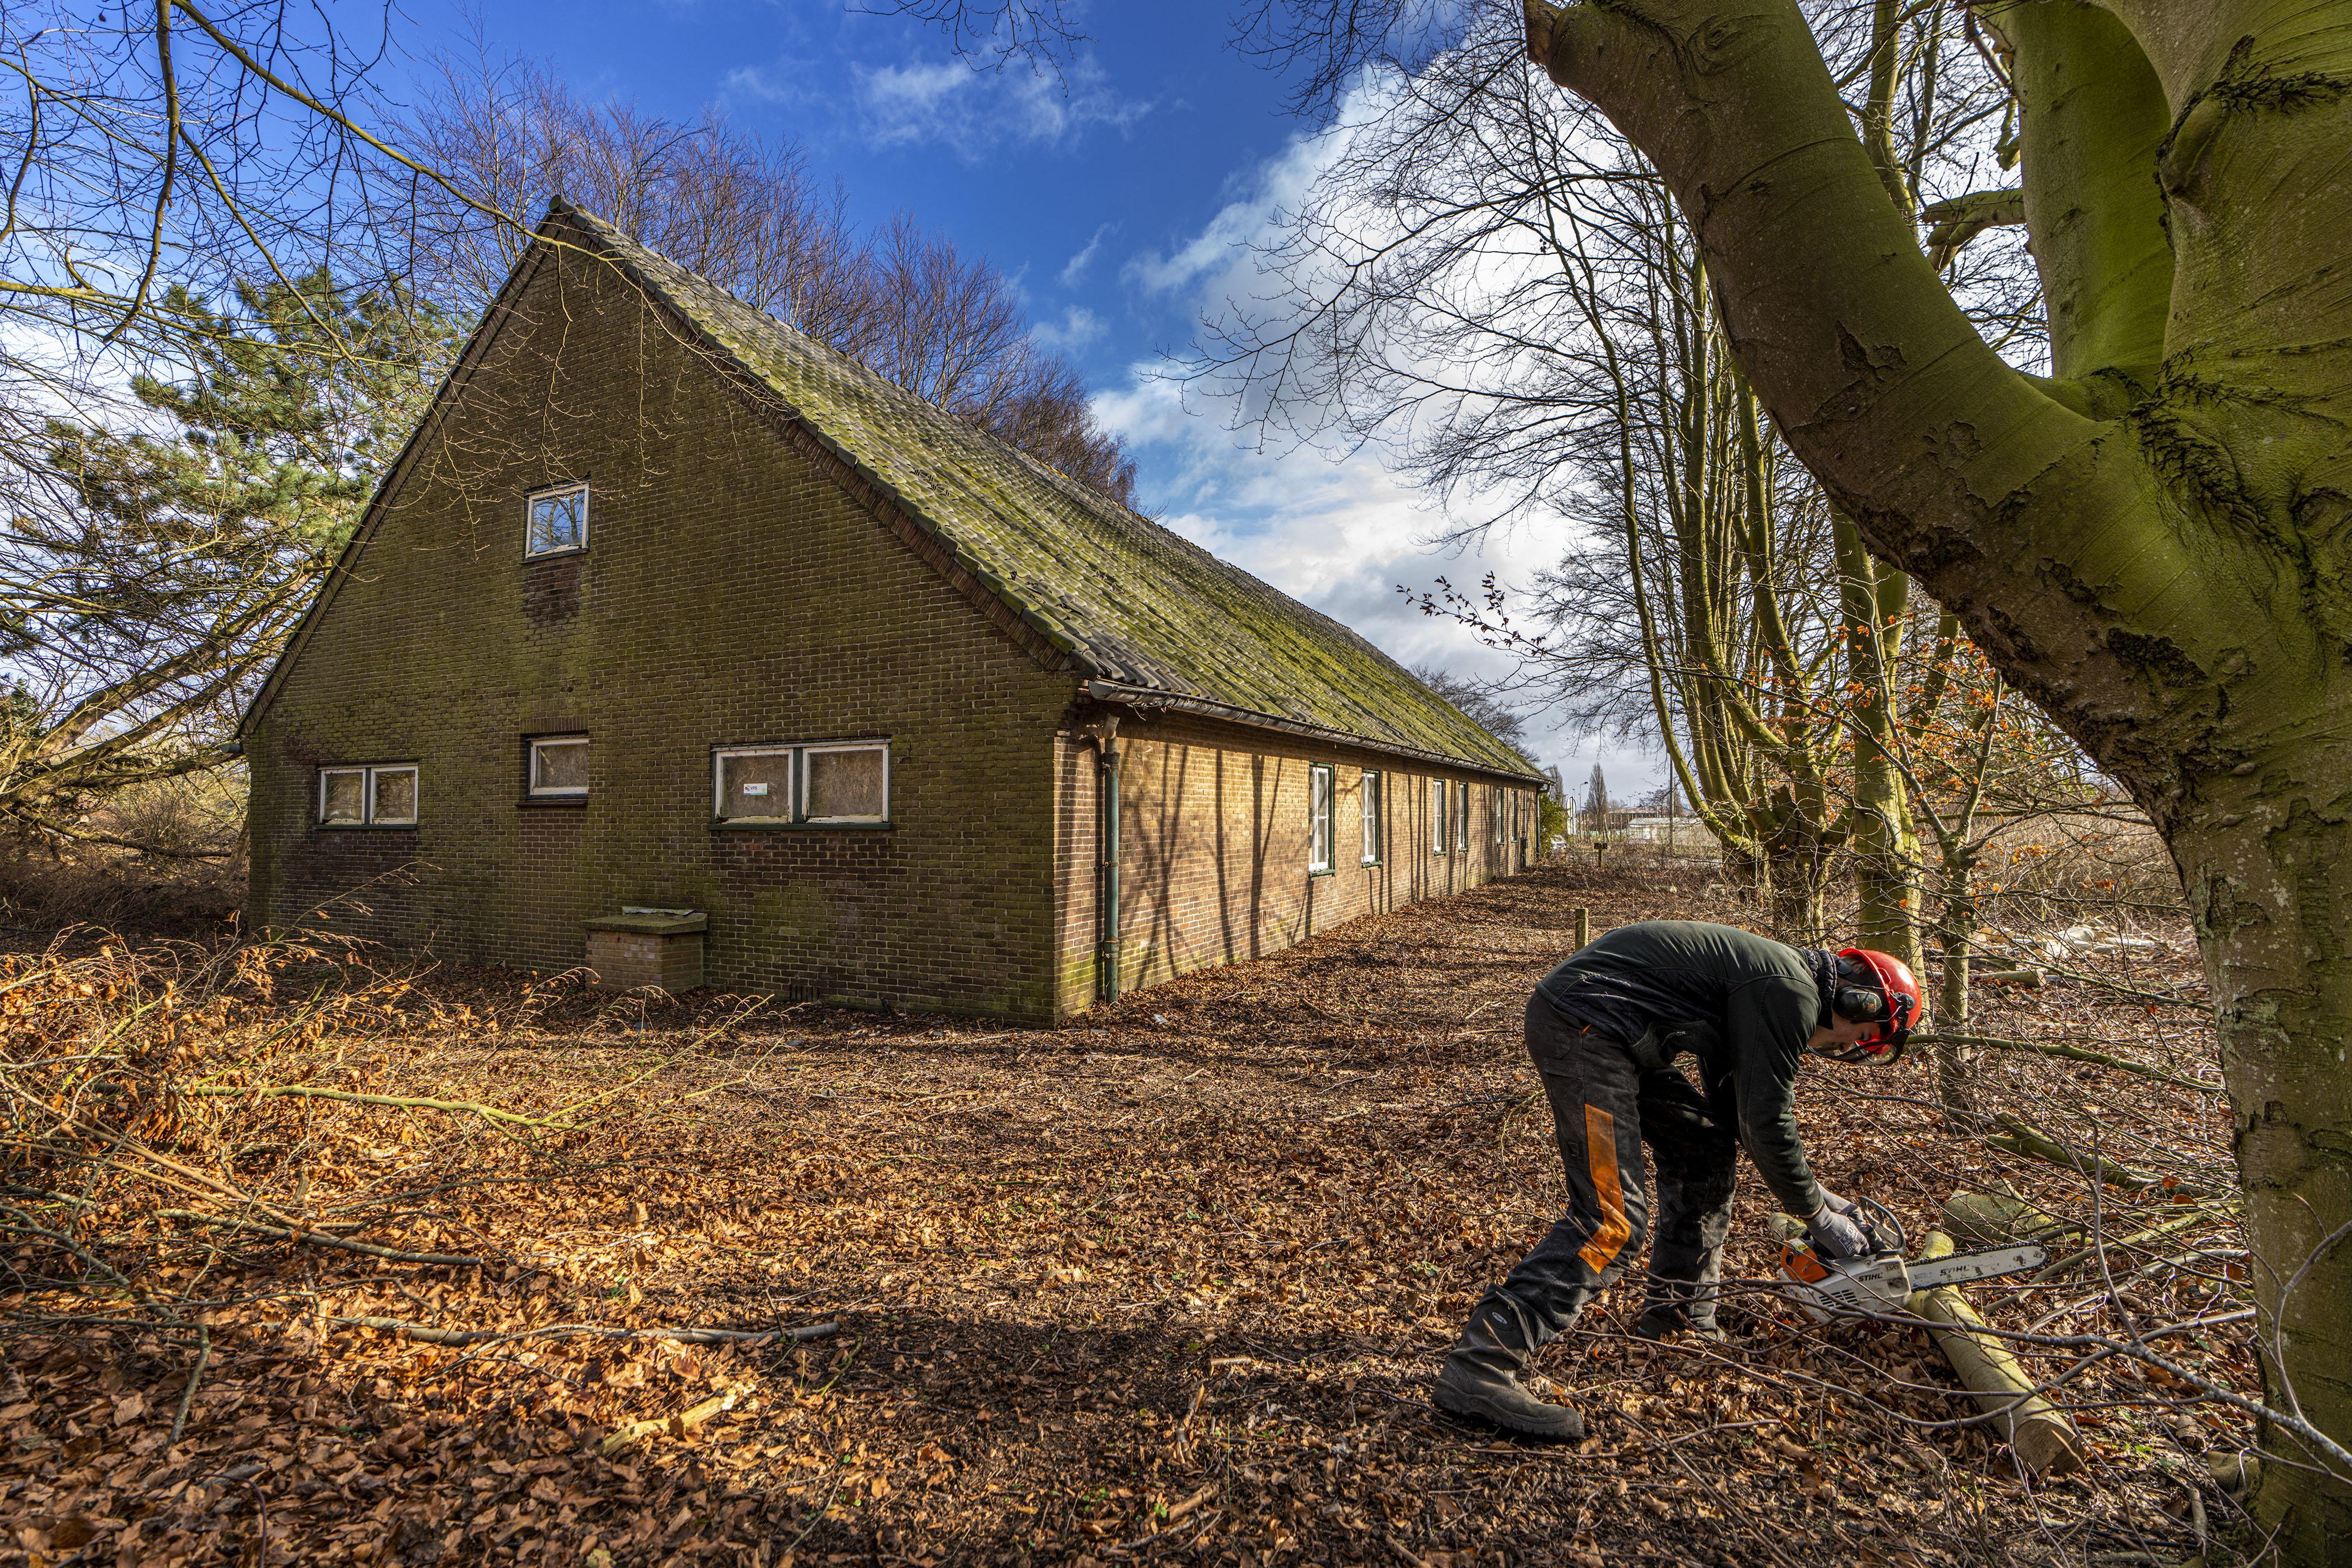 'Katwijk gaat bij onderbouwing sloopvergunning barakken selectief om met onderzoeken naar cultuurhistorische waarde'